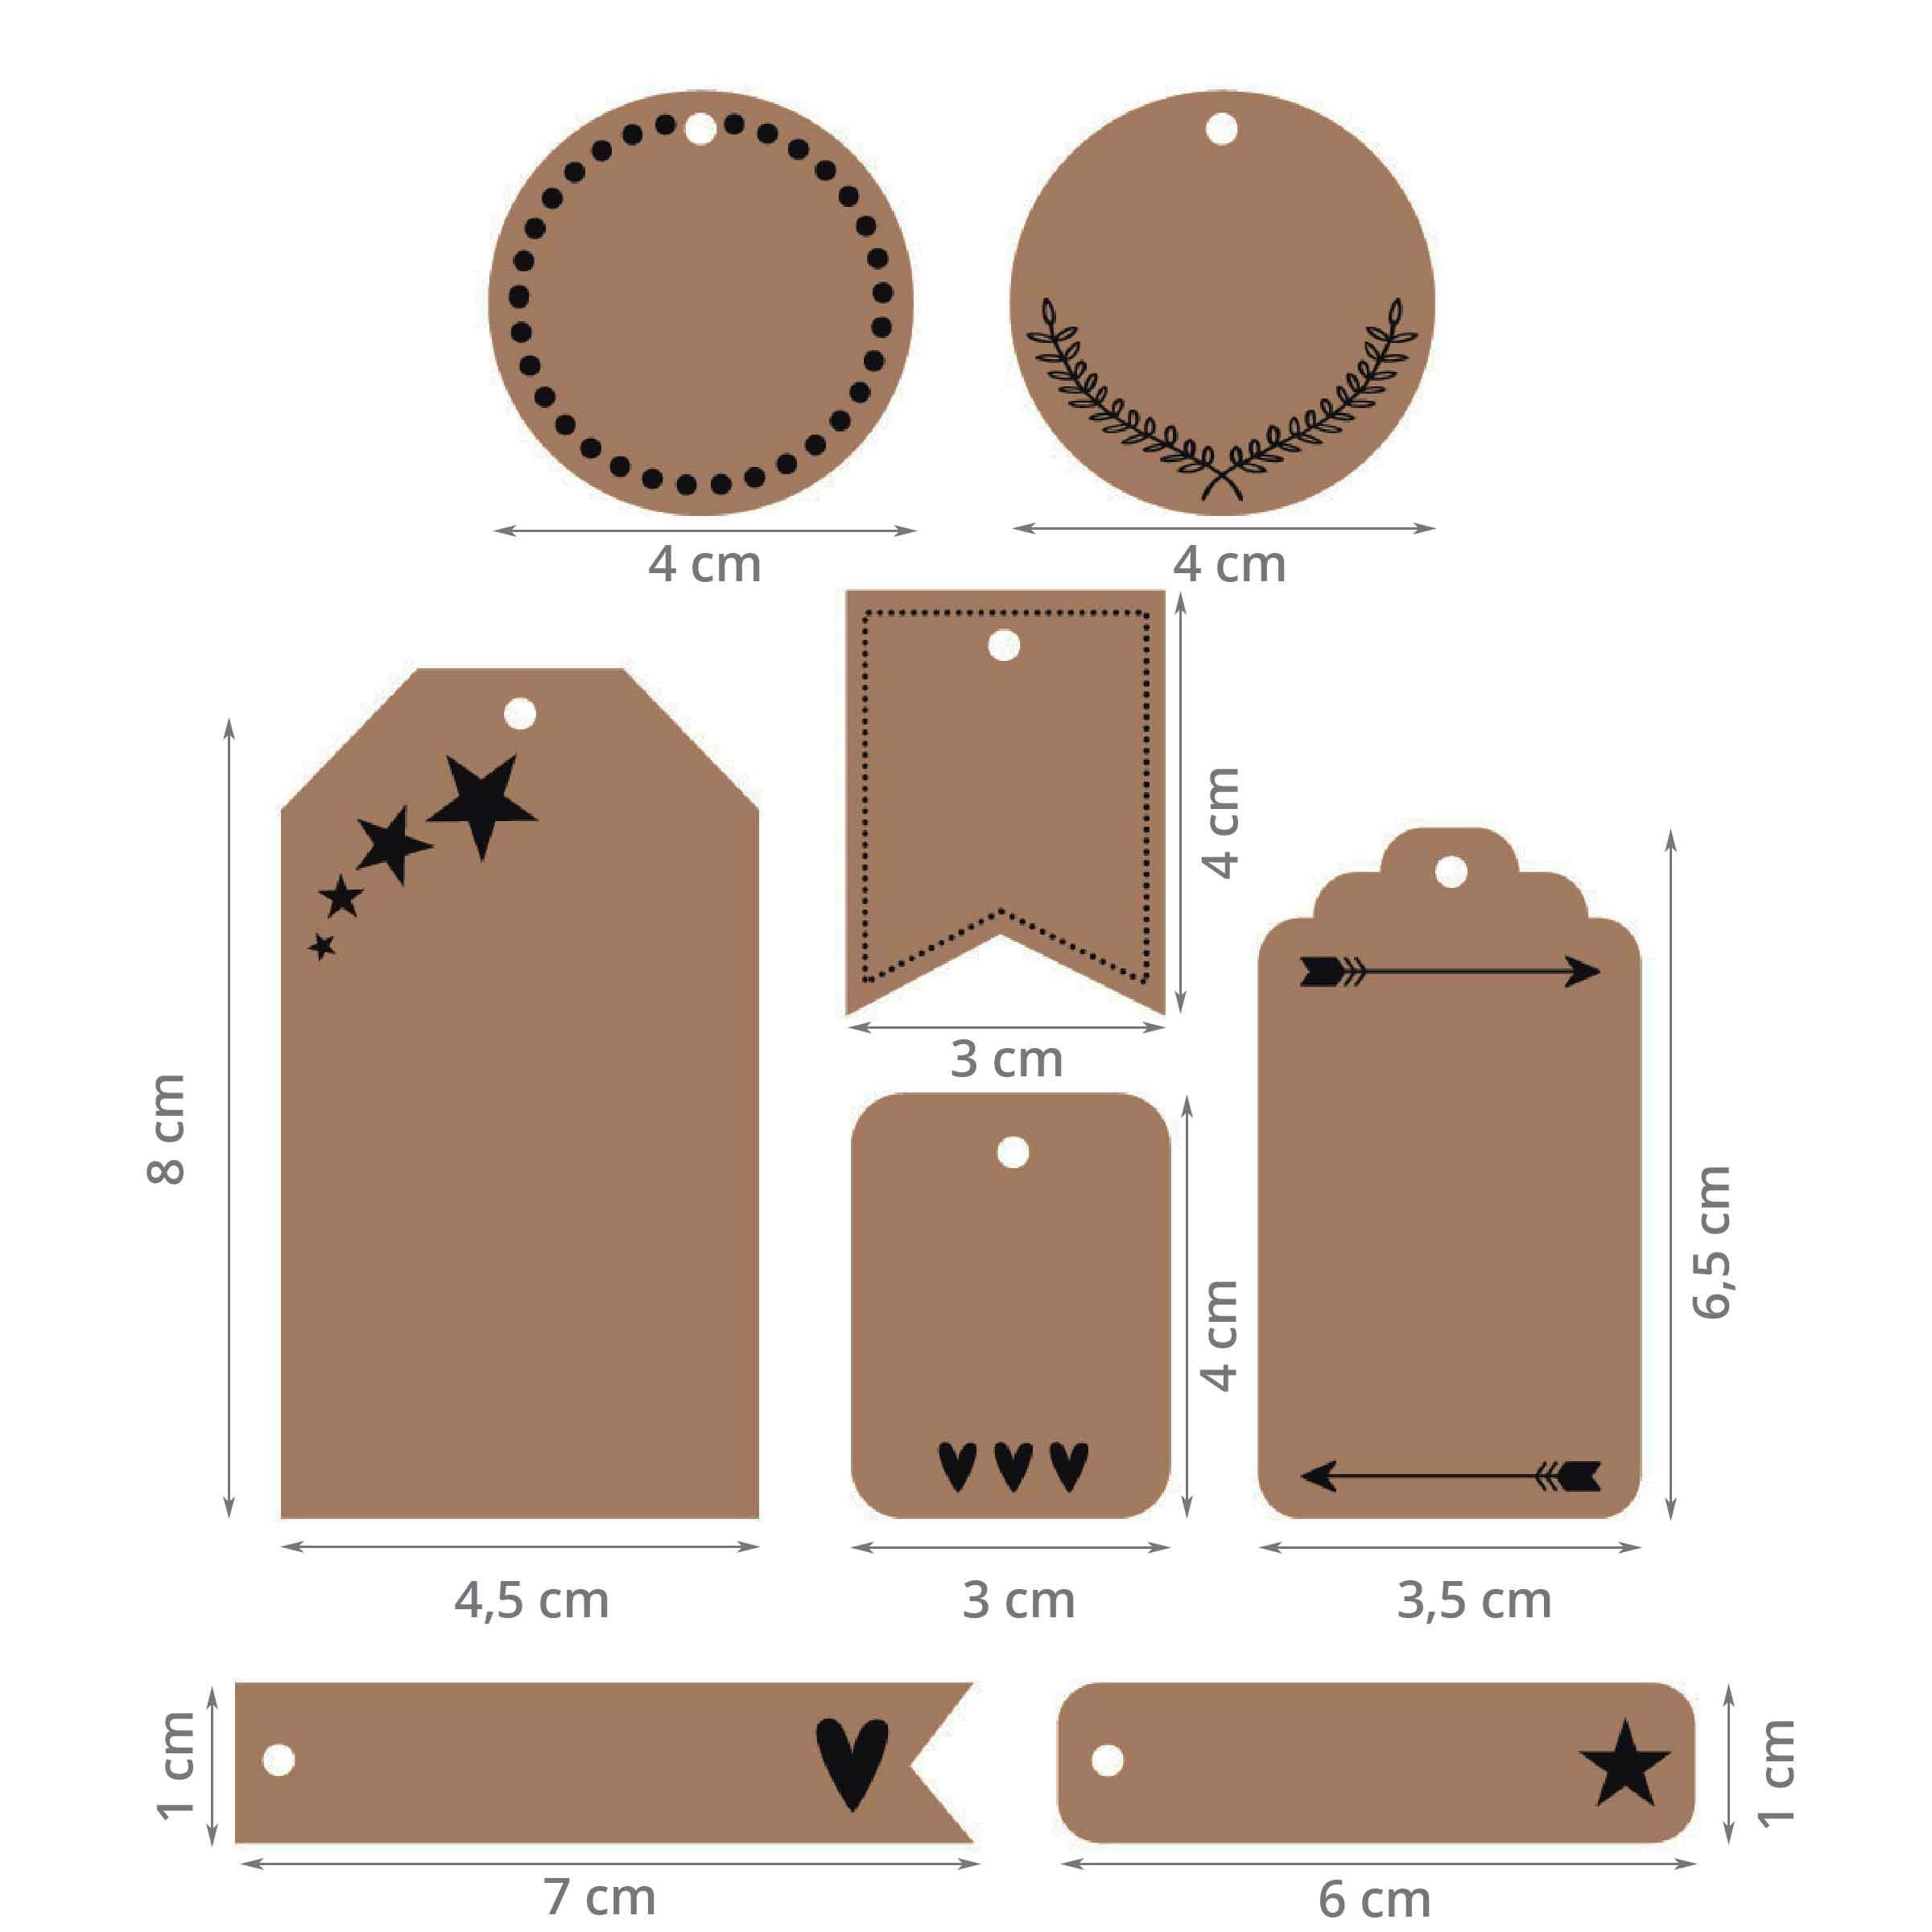 dimensions de chaque type d'étiquette